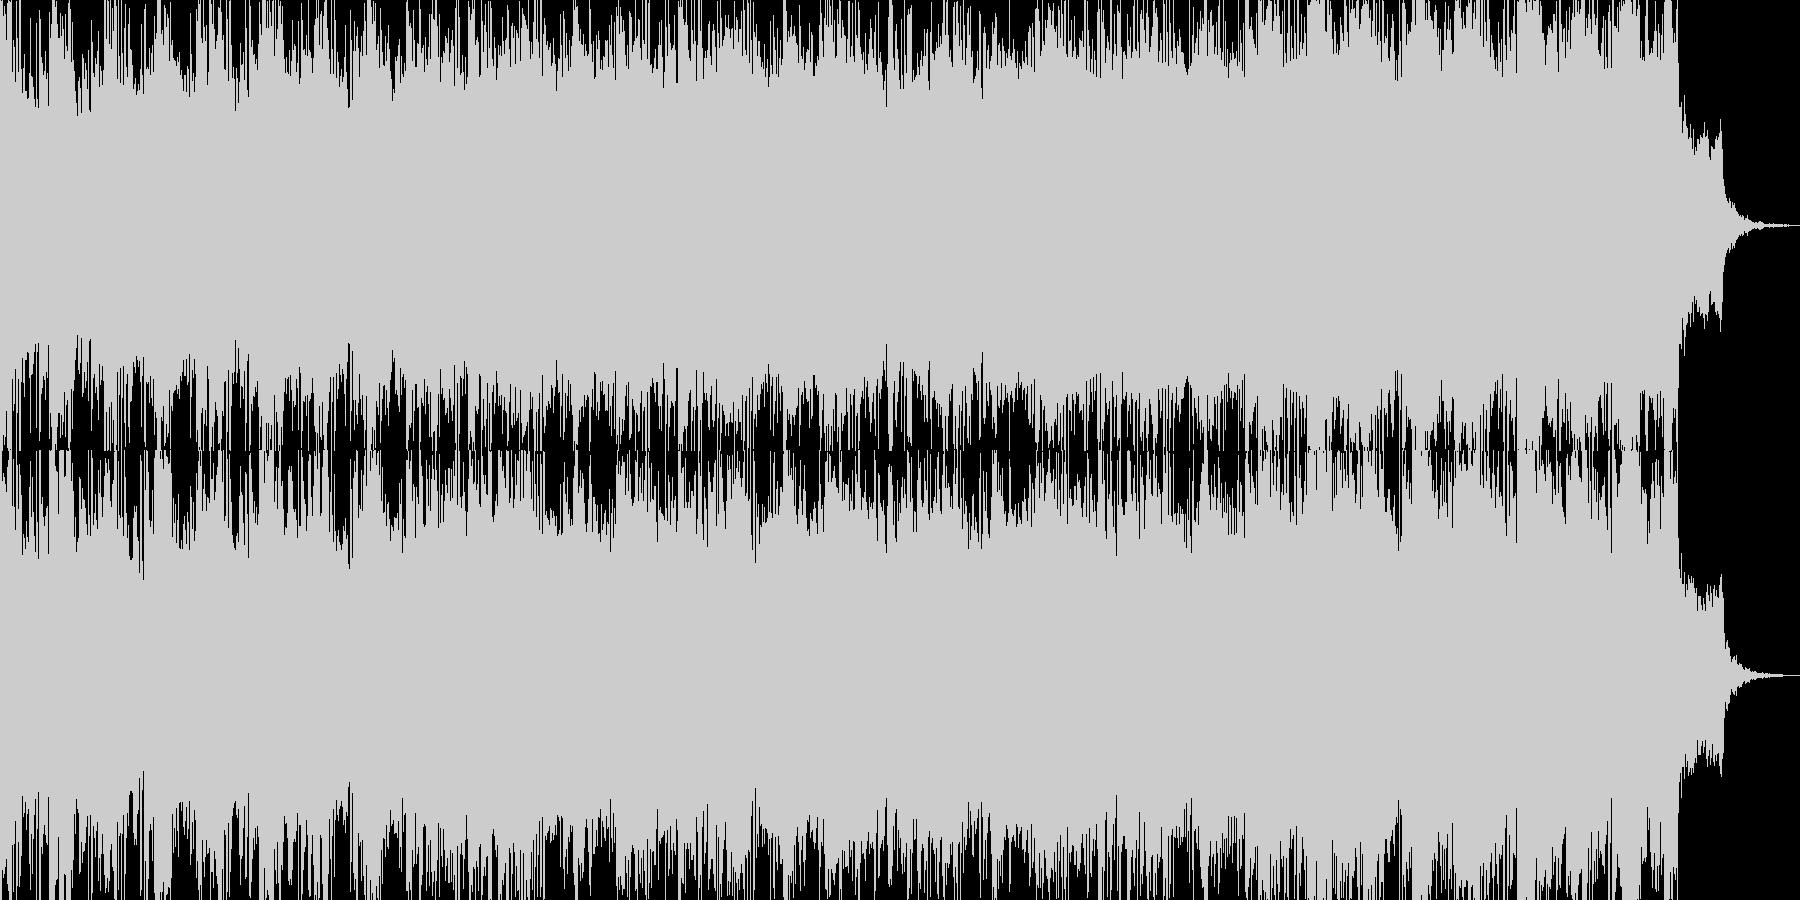 崩壊のイメージと壮大なギターソロの未再生の波形